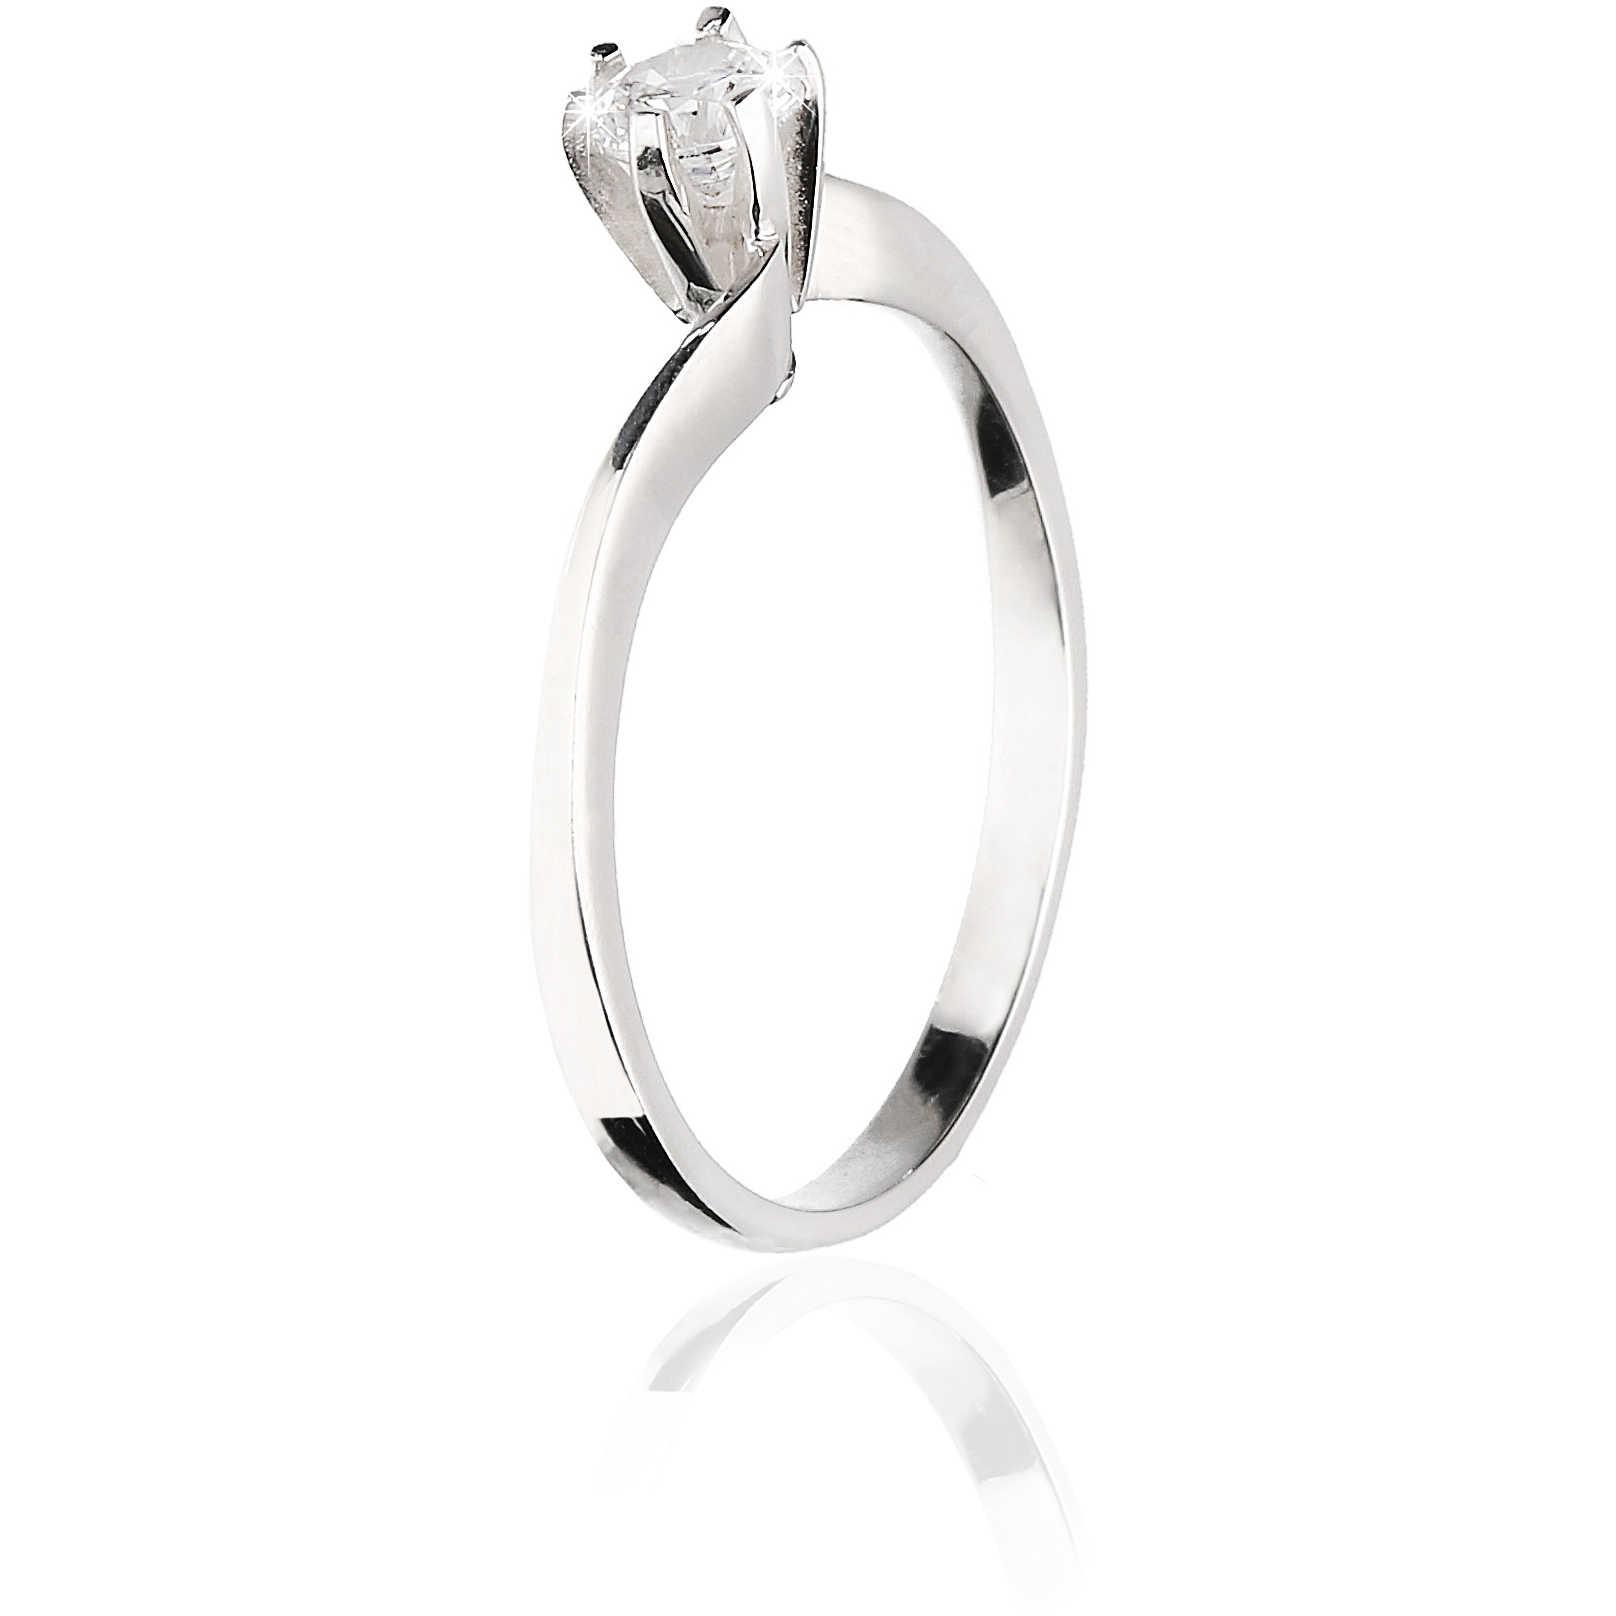 codice promozionale dff72 97bc6 anello donna gioielli GioiaPura Desiderio 33608-01-12